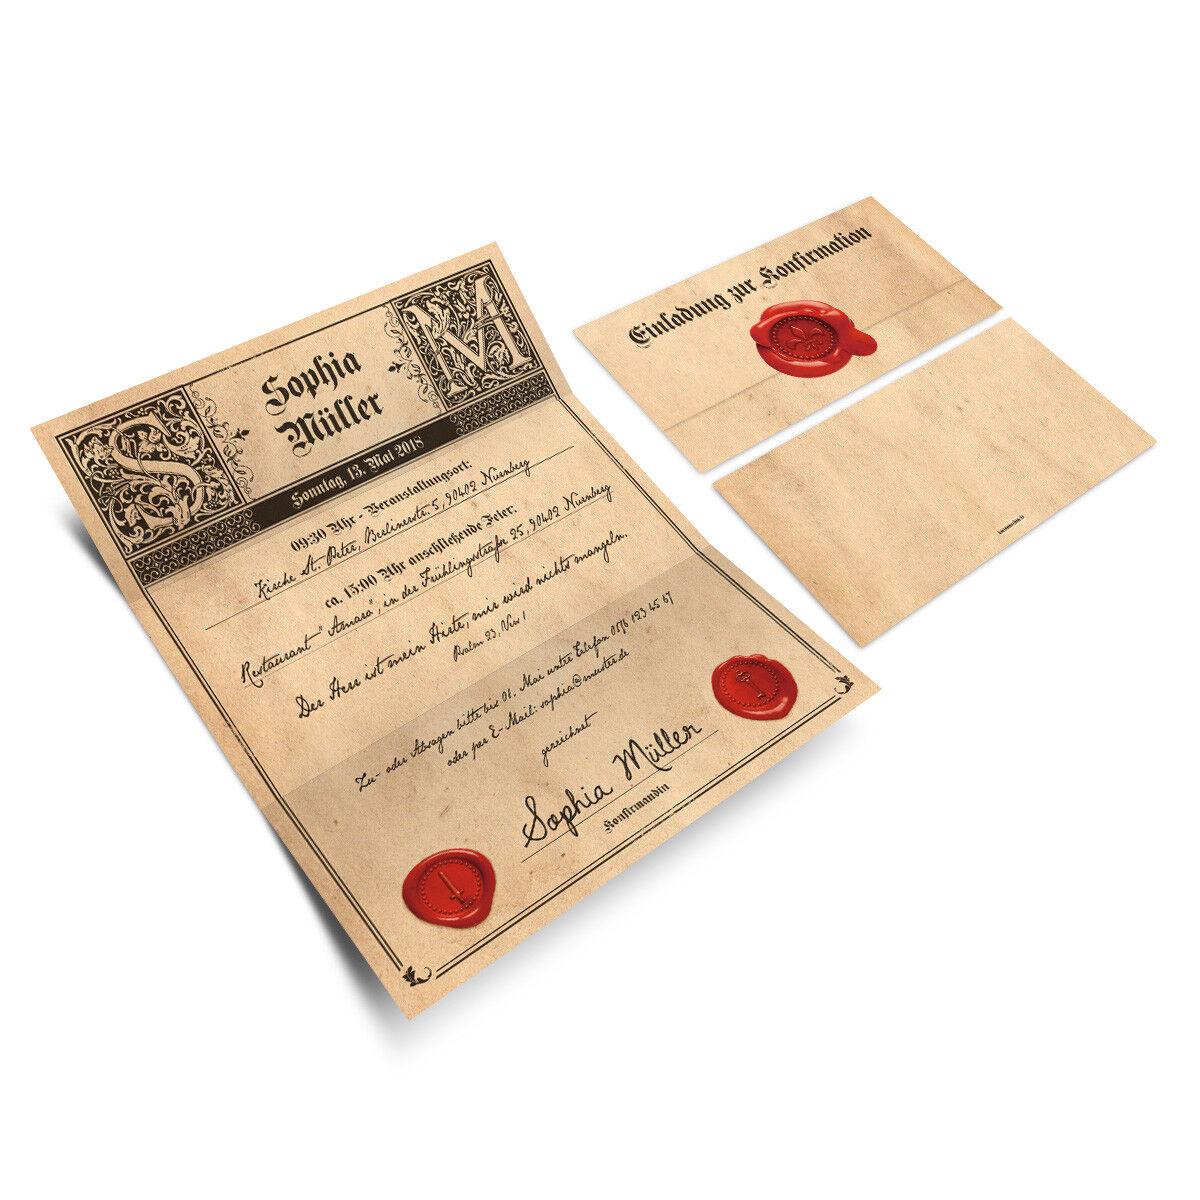 Konfirmation Einladungskarten Konfirmationseinladungen Einladungen - Siegelbrief     Der Schatz des Kindes, unser Glück    ein guter Ruf in der Welt